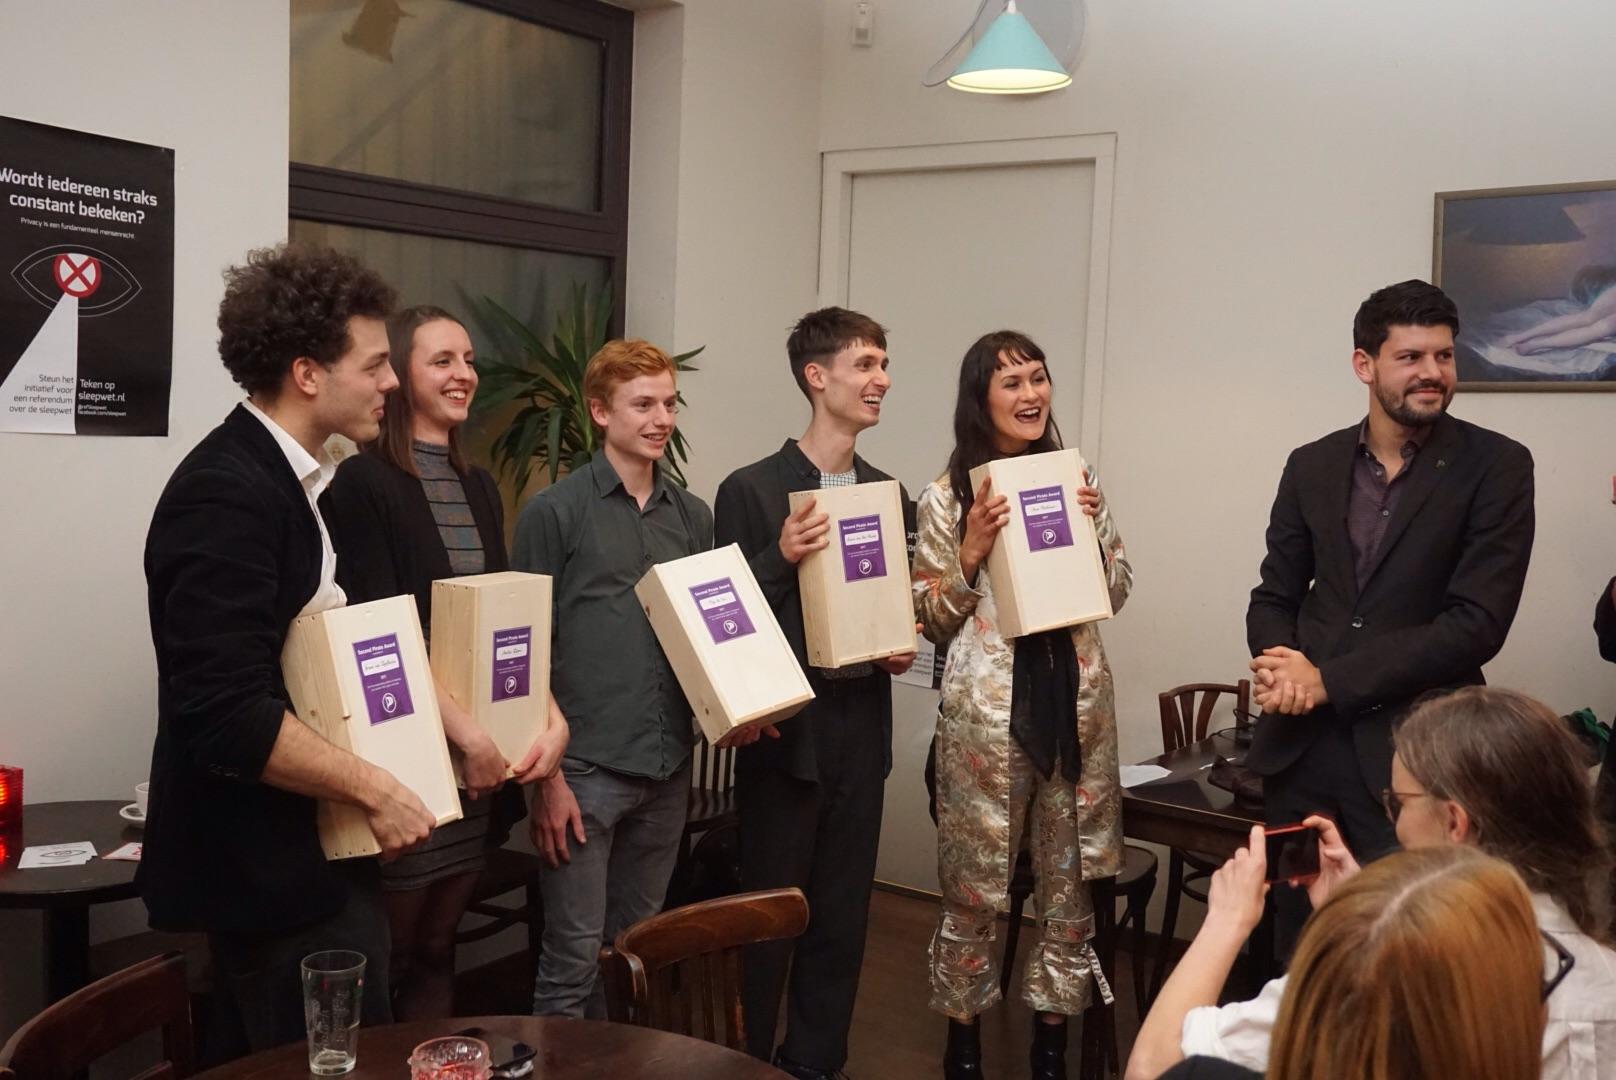 De initiatiefnemers van het referendum over de sleepwet ontvangen de Piratenprijs.